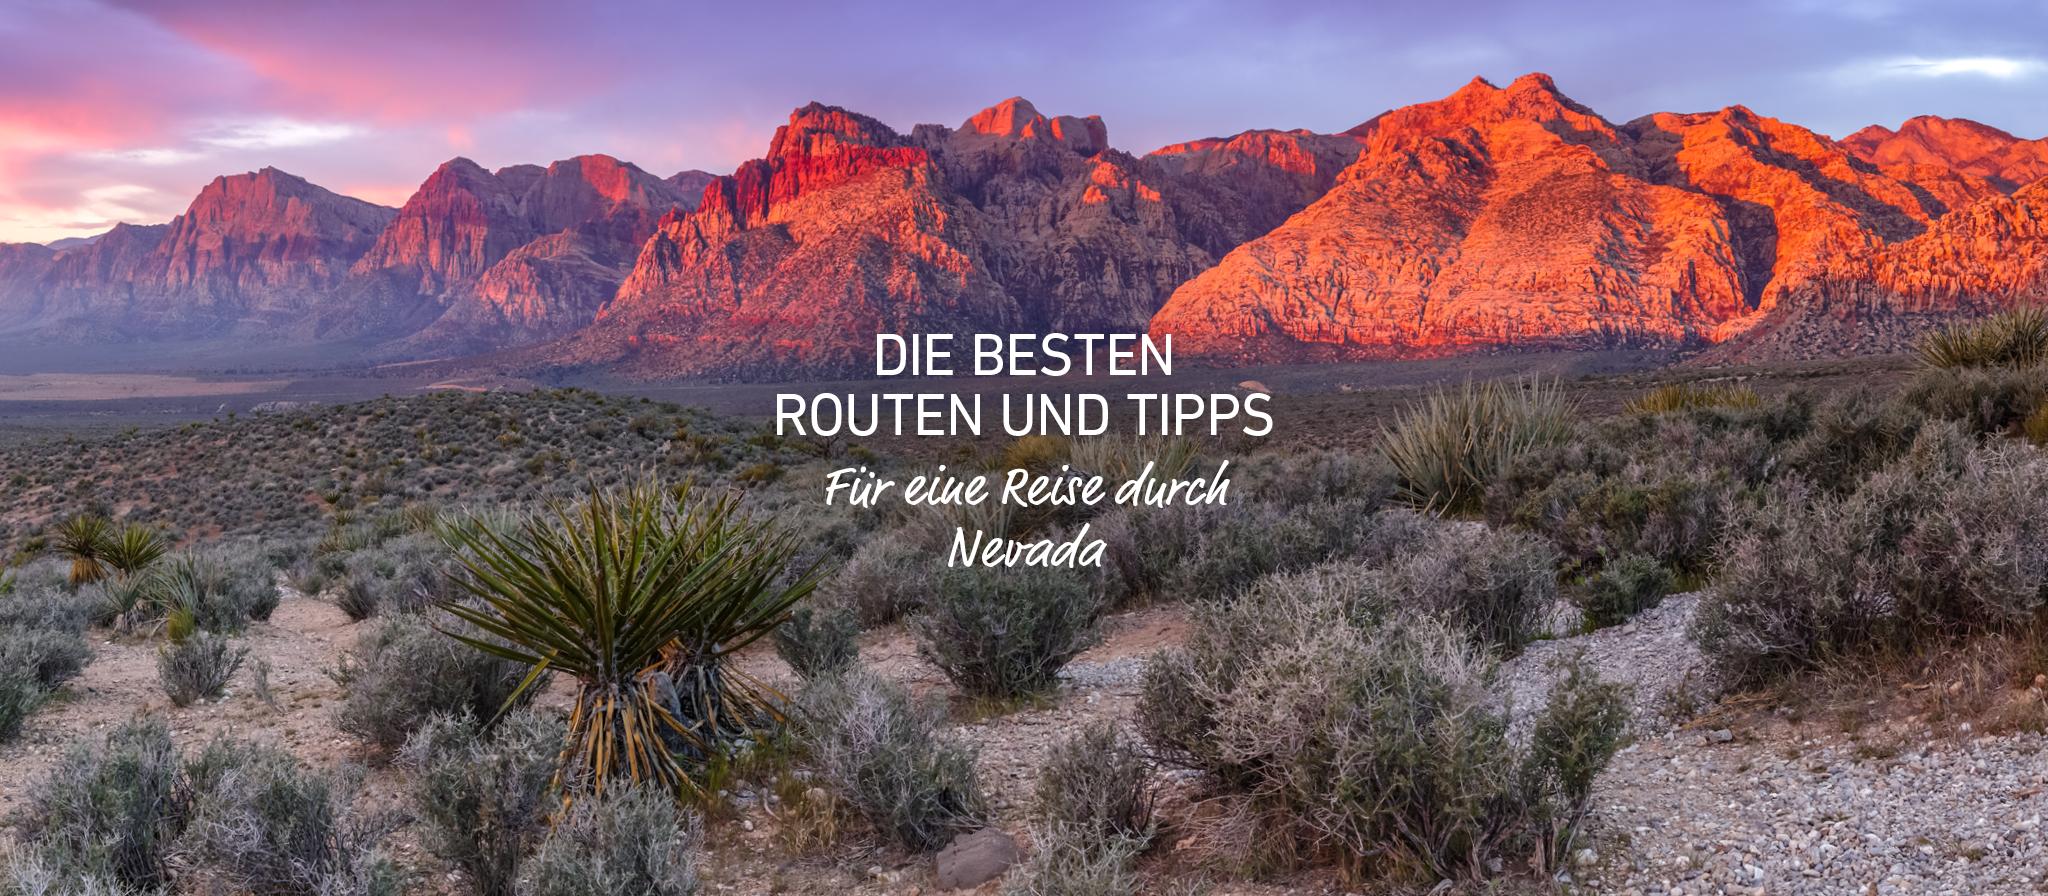 Banner für die Nevada Scenic Routes